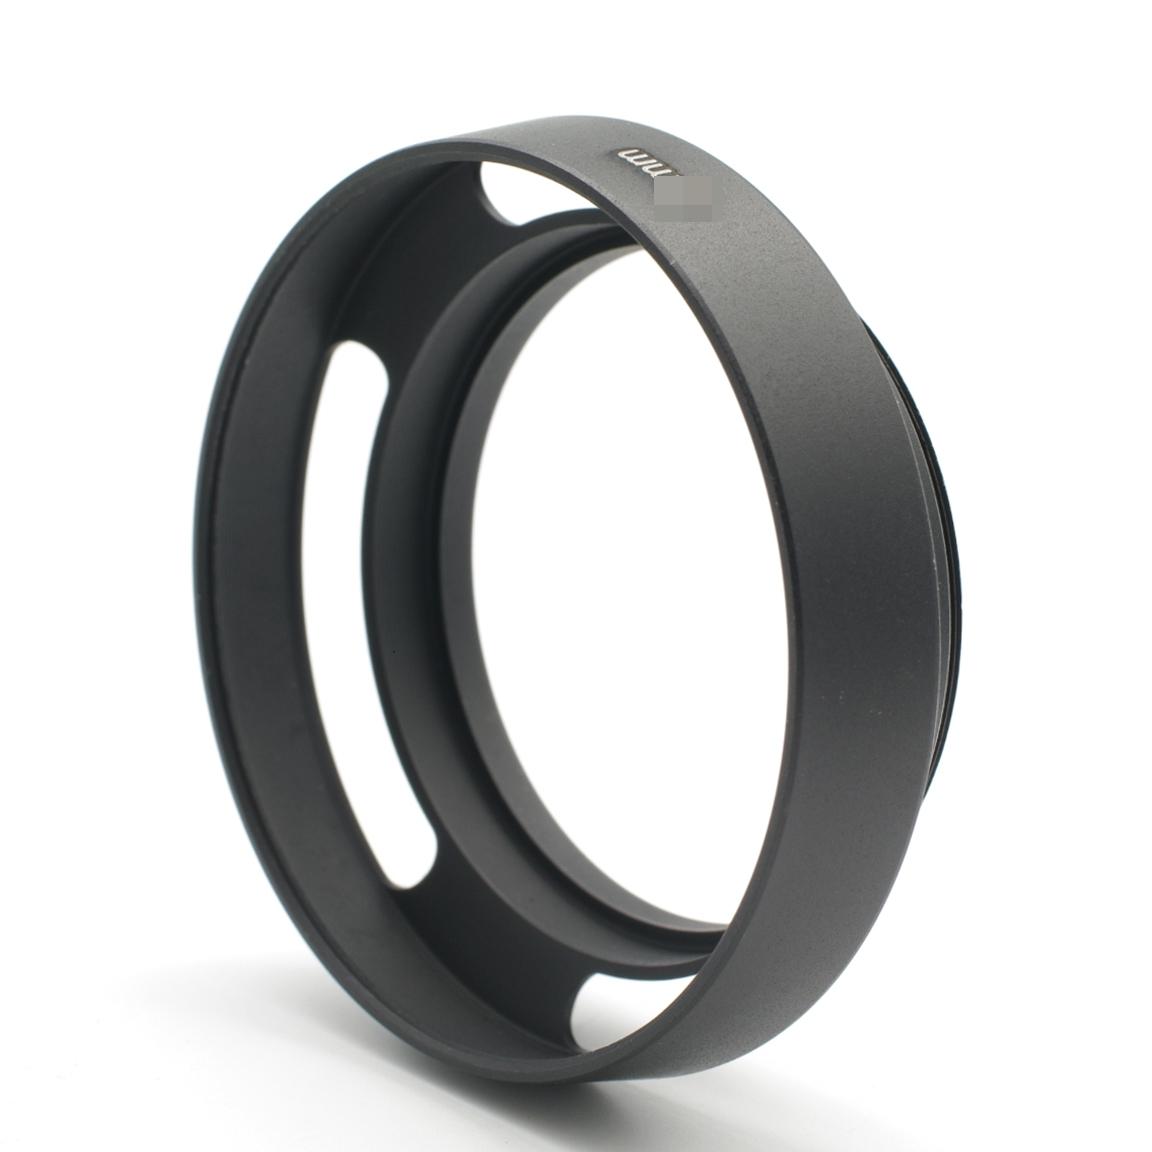 又敗家@黑色標準仿Leica徠卡型62mm遮光罩(螺紋,斜口內凹)螺牙螺口仿萊卡開口型太陽罩lens hood鏤空導流型遮陽罩Carl Zeiss Kern